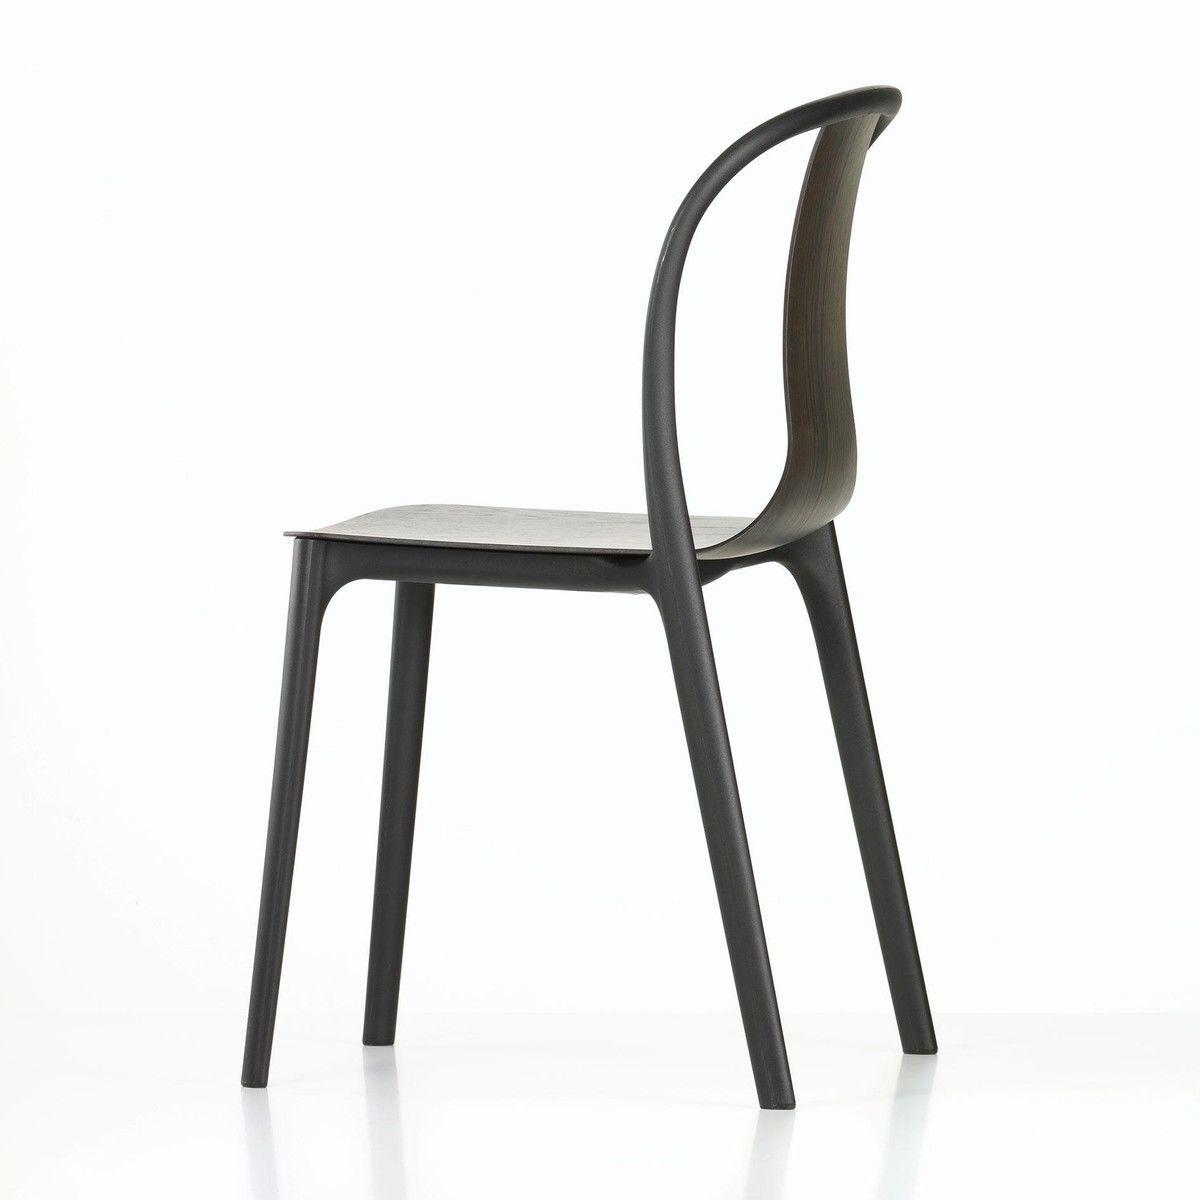 Belleville chair plastic chaise de jardin vitra - Chaise de jardin pvc ...